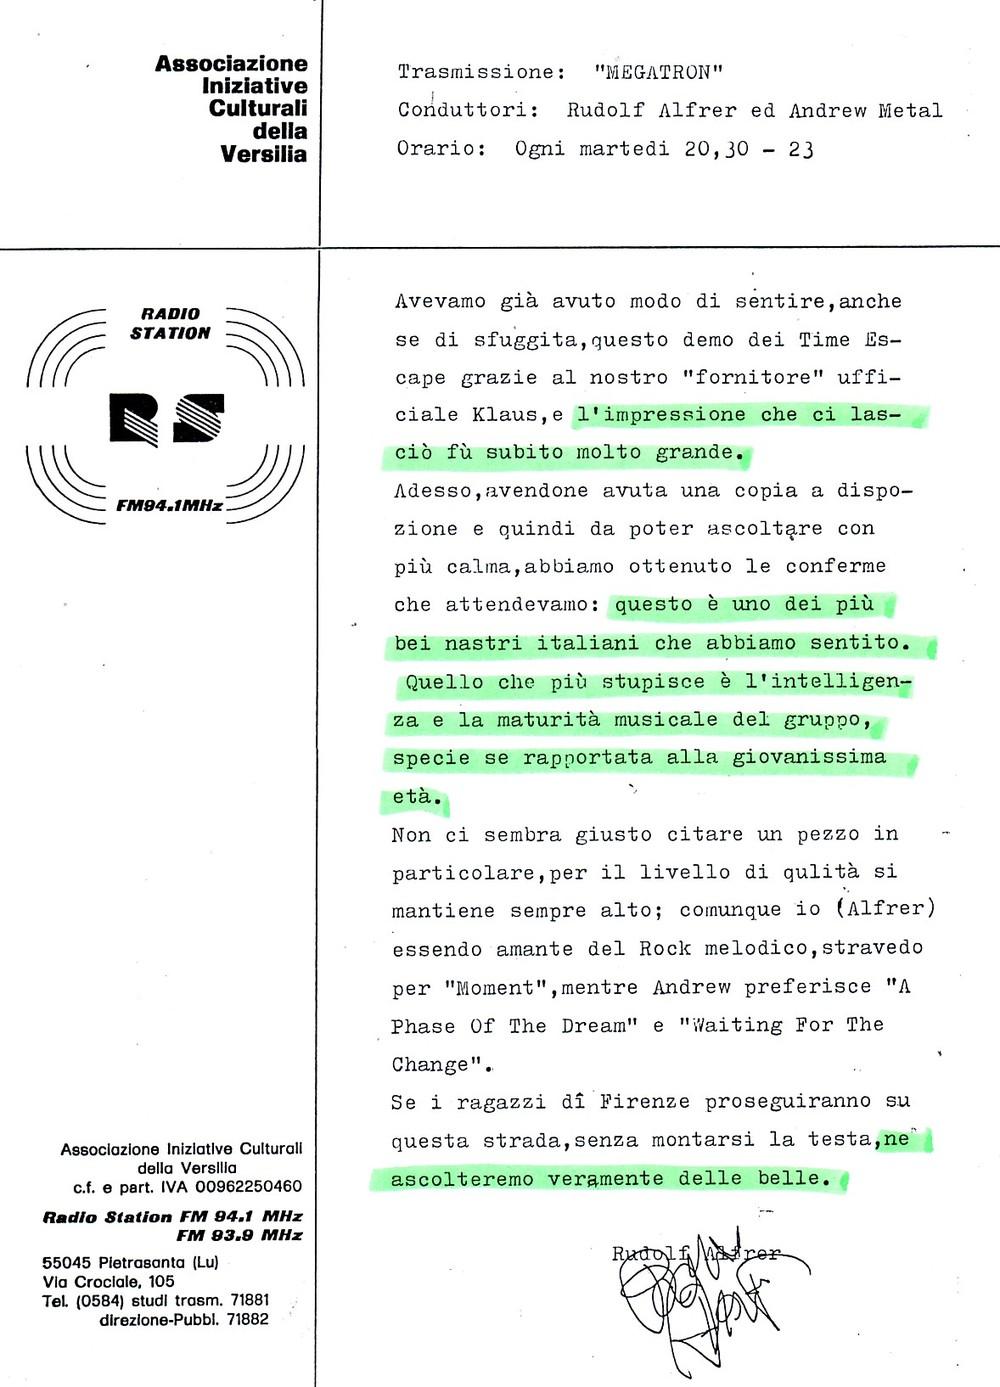 MEGATRON (ITALY) - 1988